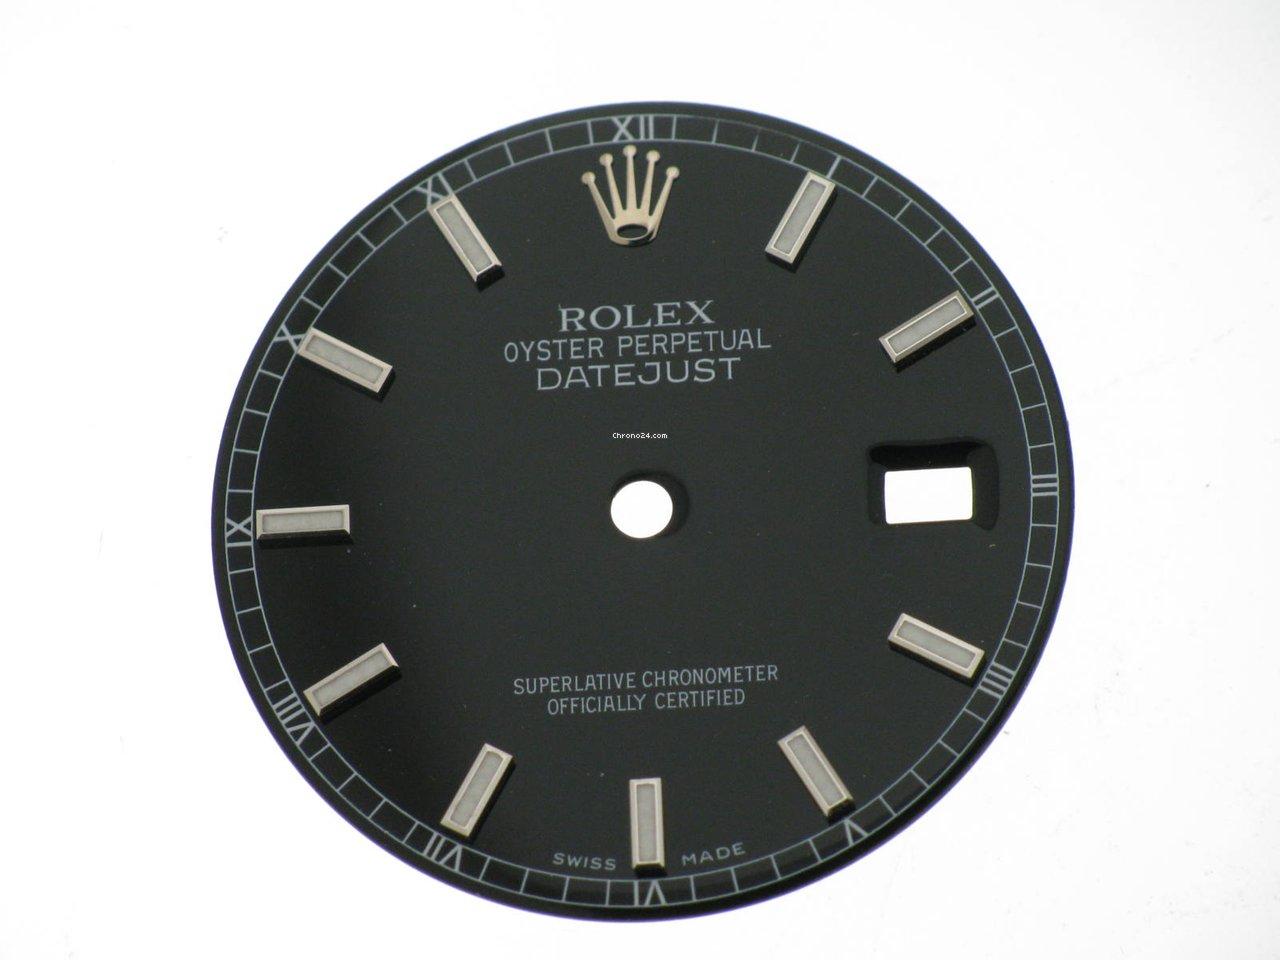 Rolex Datejust 16200 16220 16234 116200 116234 new